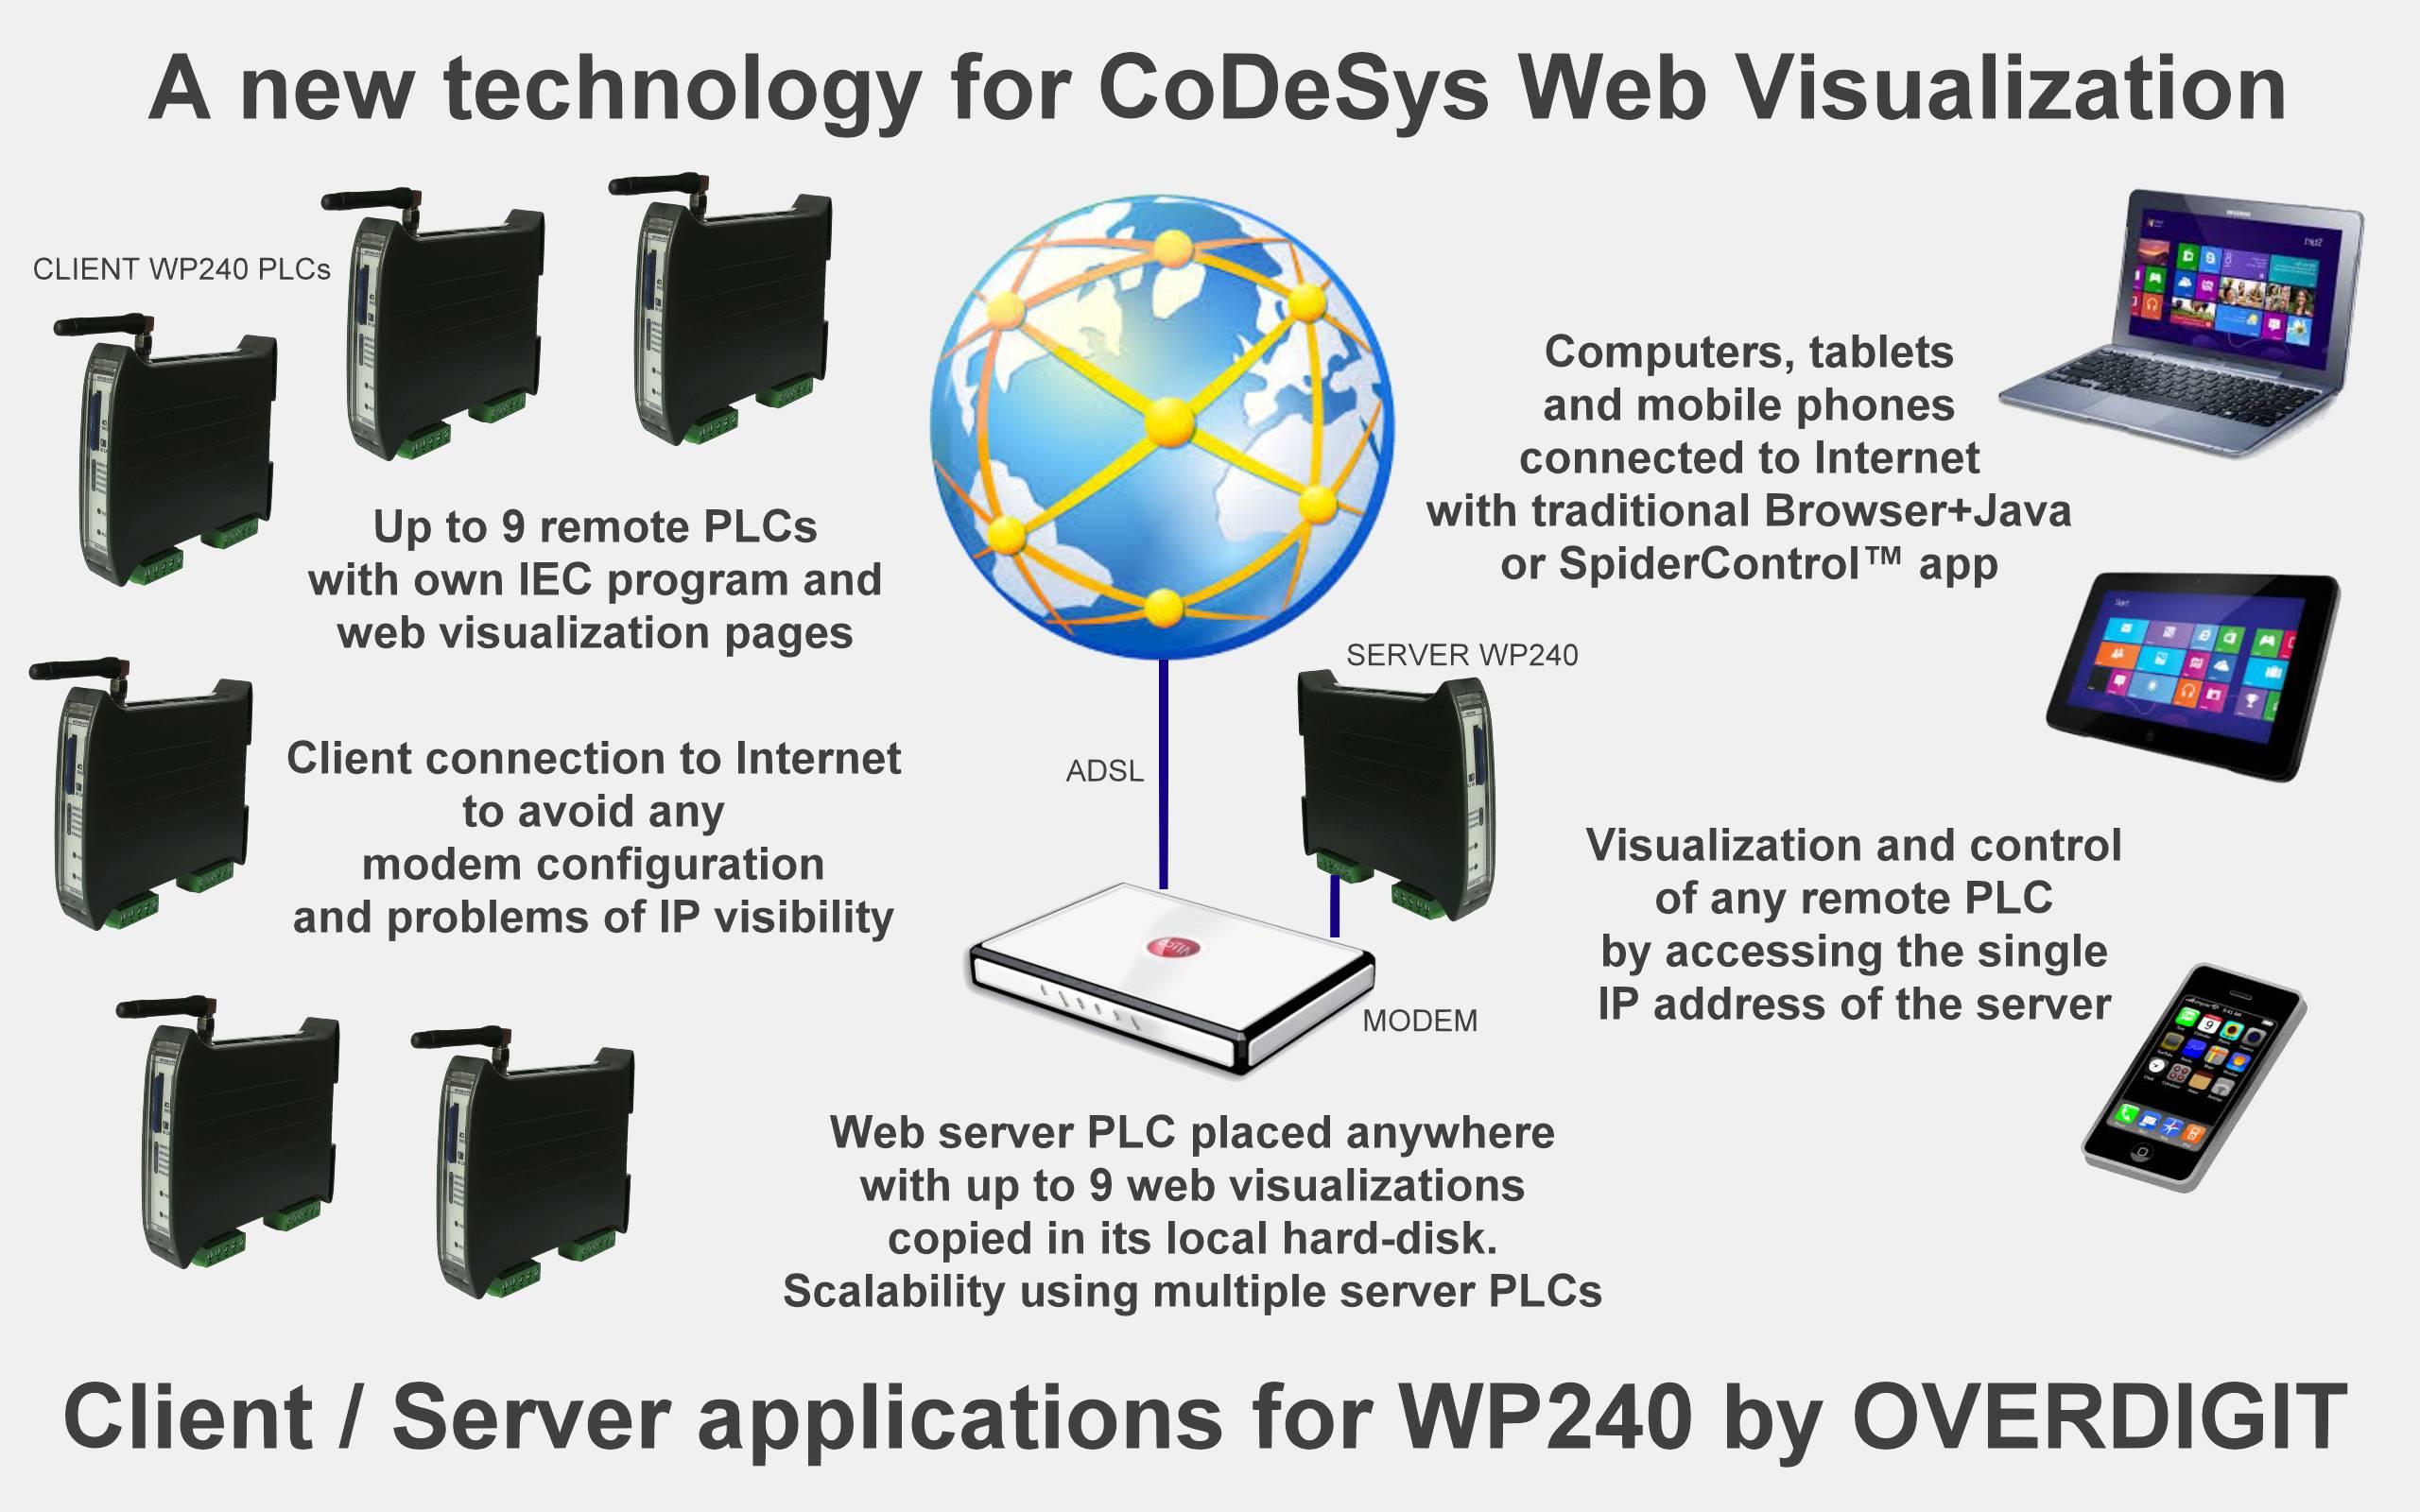 codesys web visualization